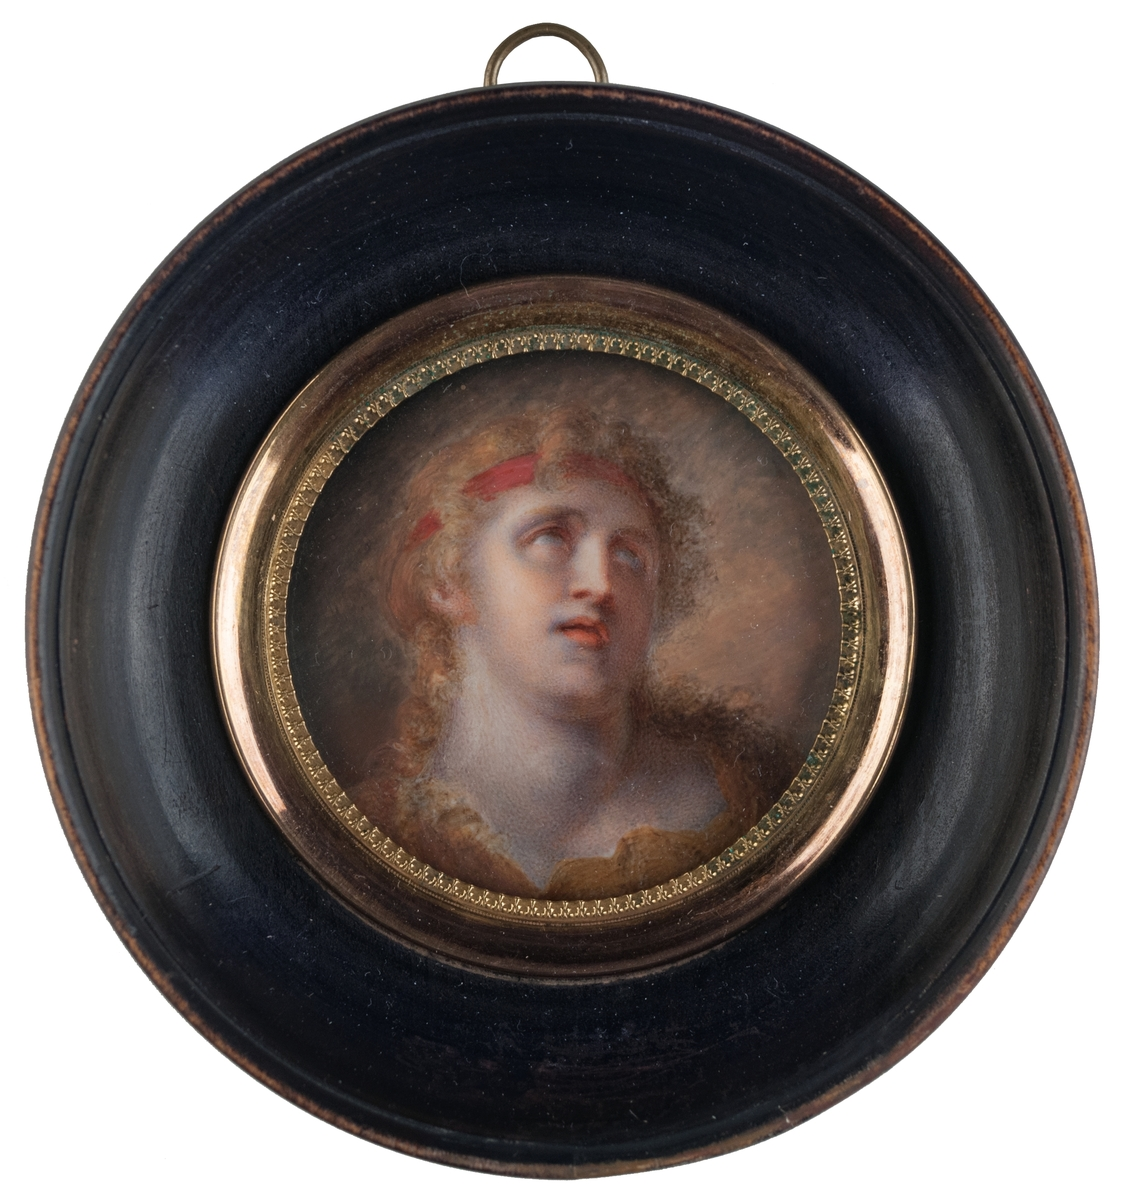 Motiv: gult, blått med instatser av vitt i högsta ljus. Rödbrunt hår och hårband i mörkare rött. Gul klädnad med halsöppning av oregelbunden form.